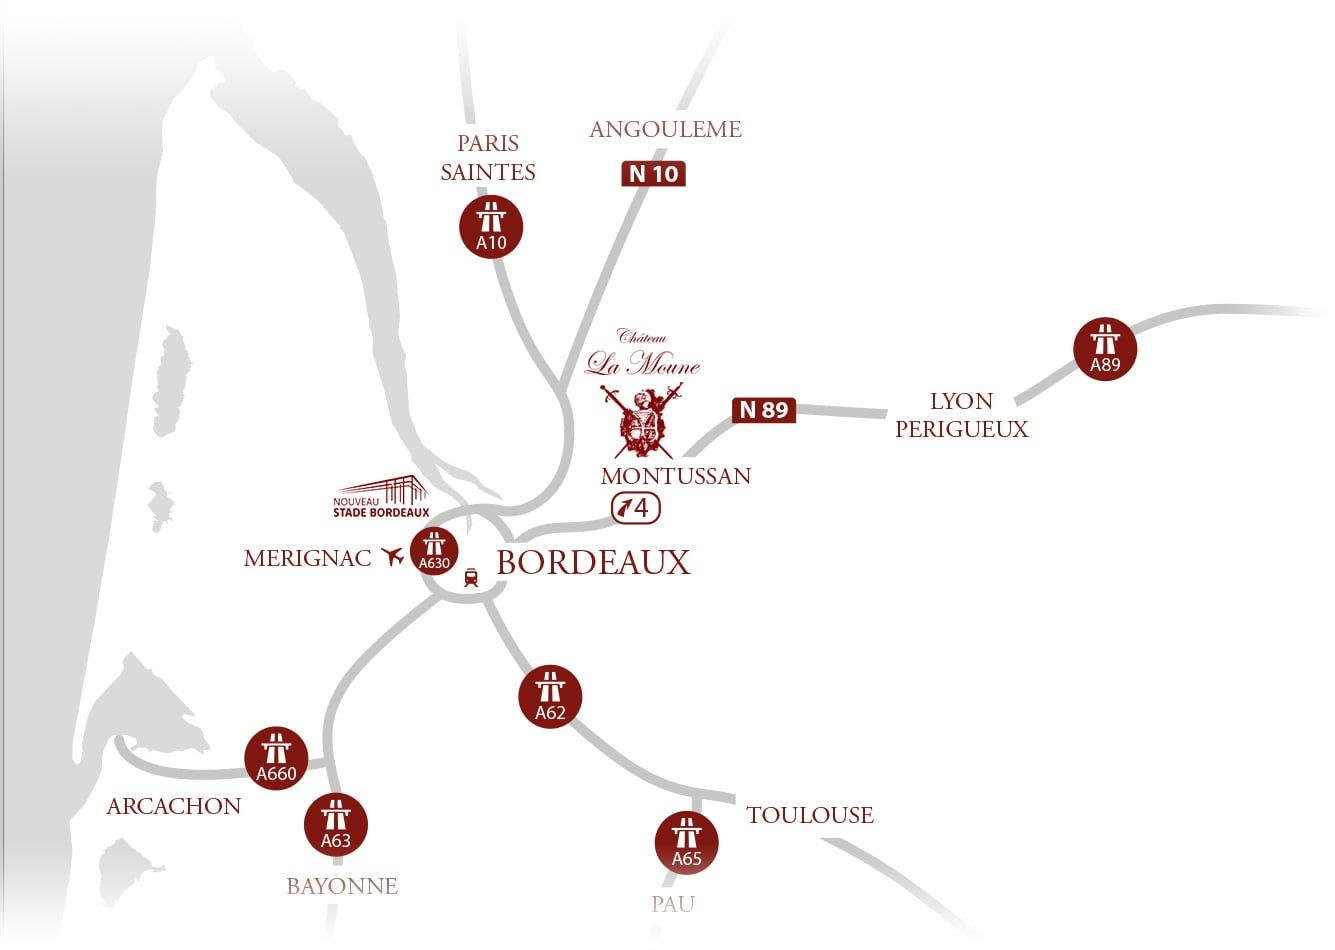 Château la Moune - Chambre d'hôtes - Hostellerie - Carte Accès